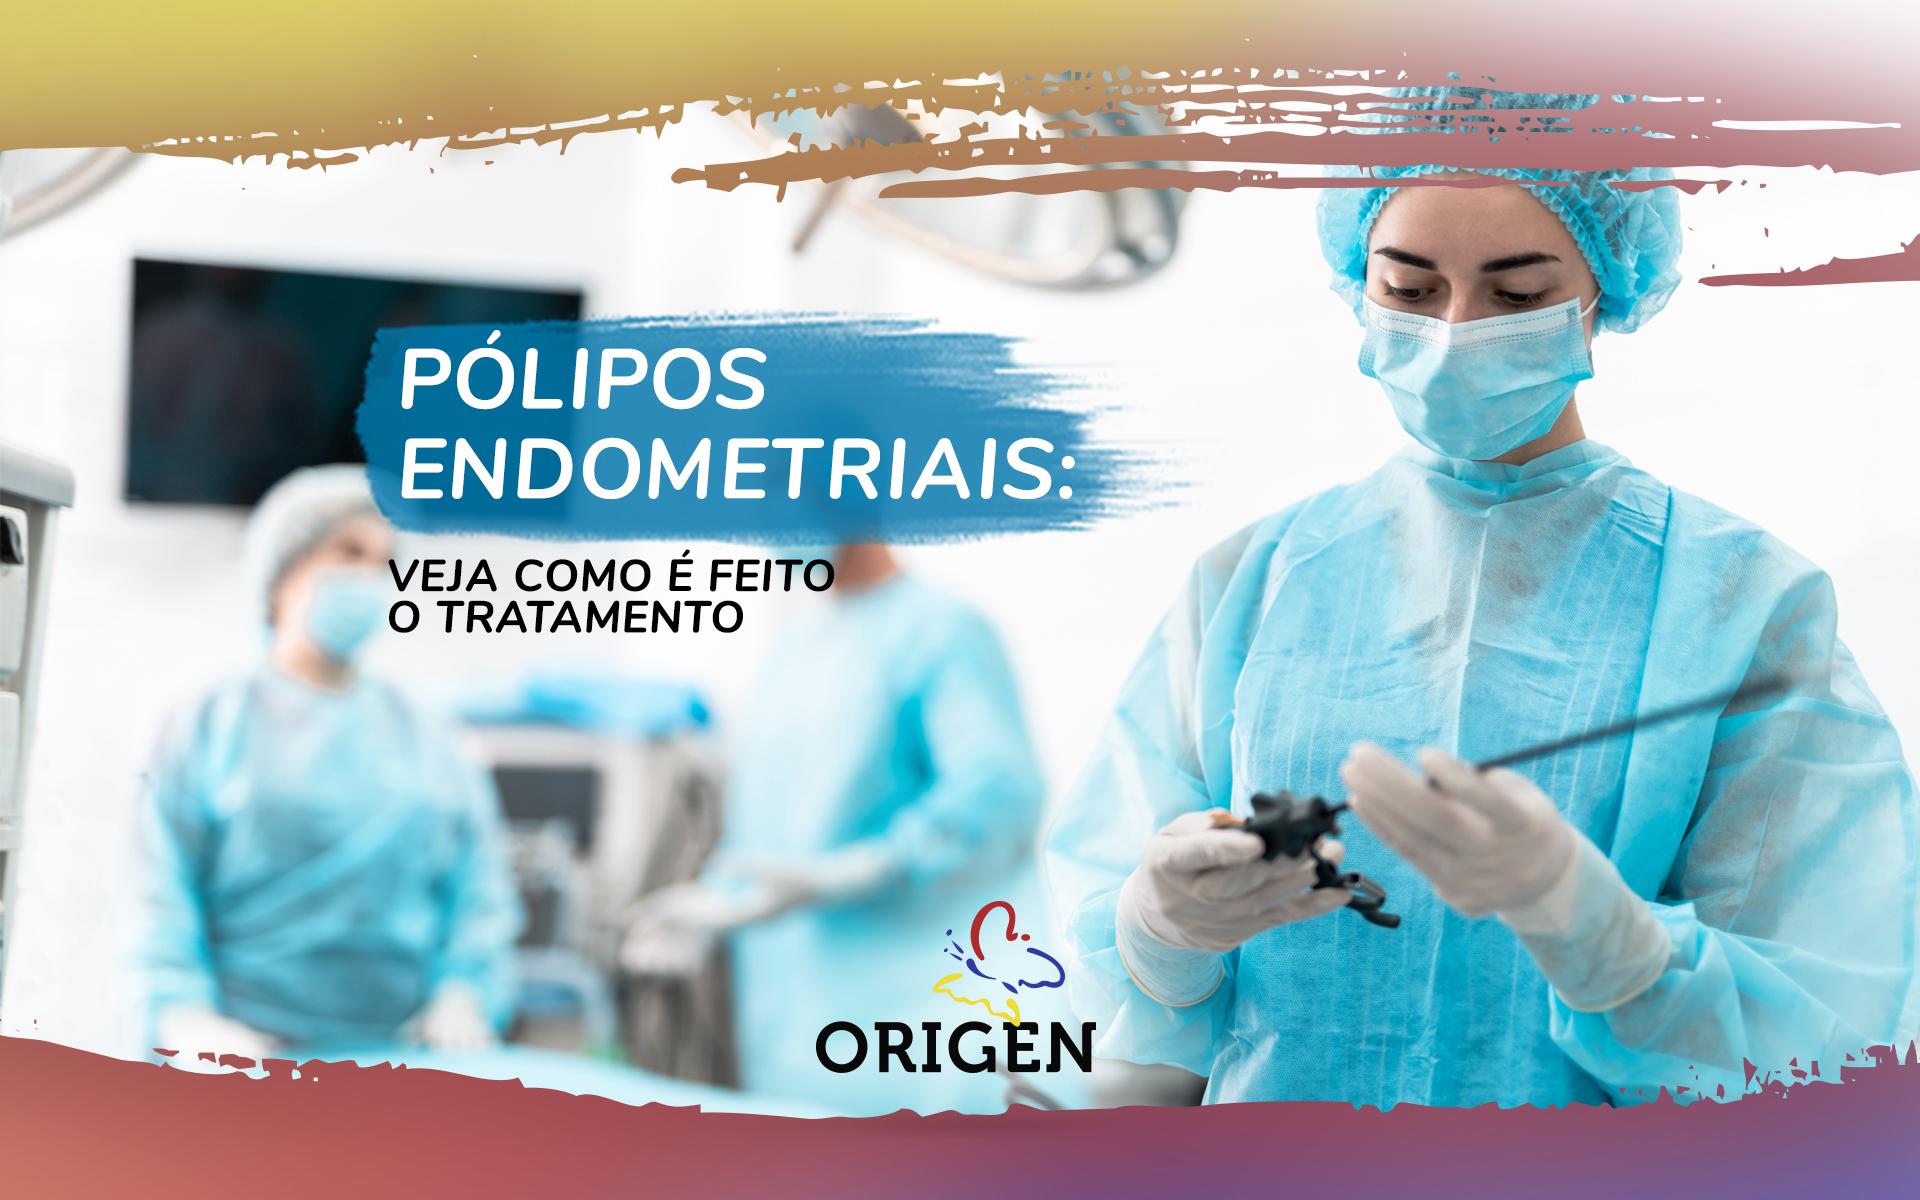 Pólipos endometriais: veja como é feito o tratamento